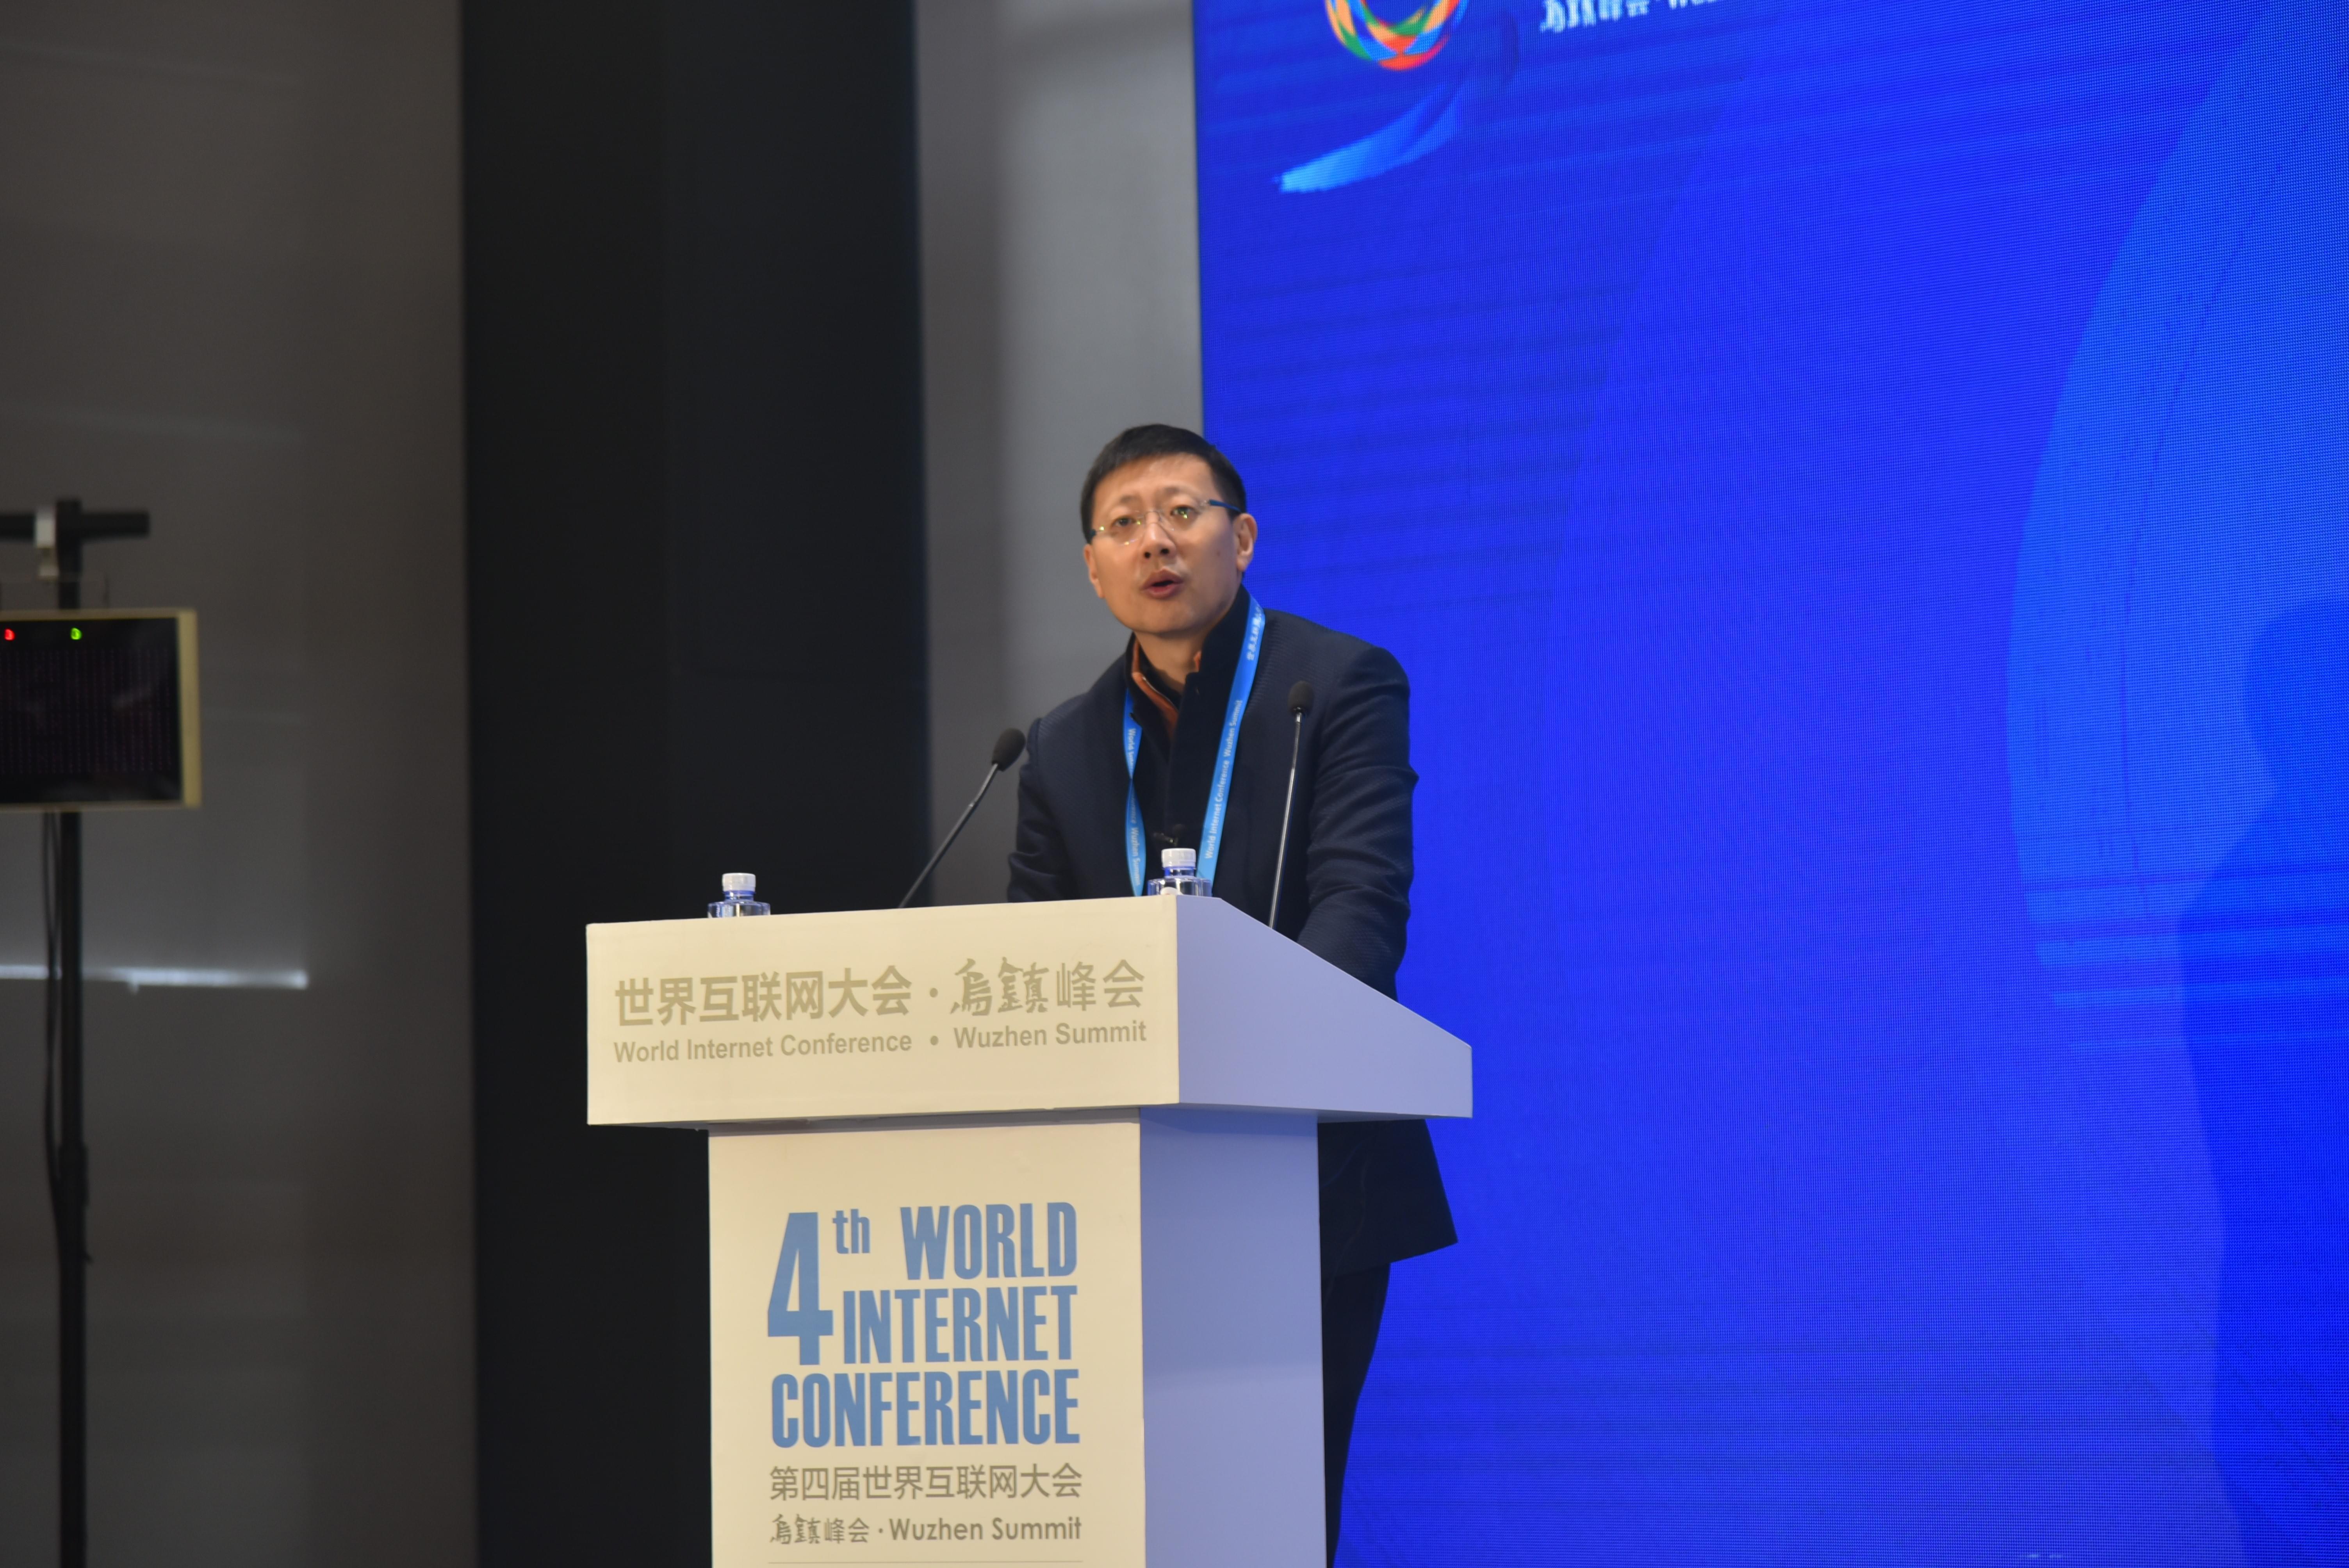 第四届世界互联网大会首设风险投资分论坛